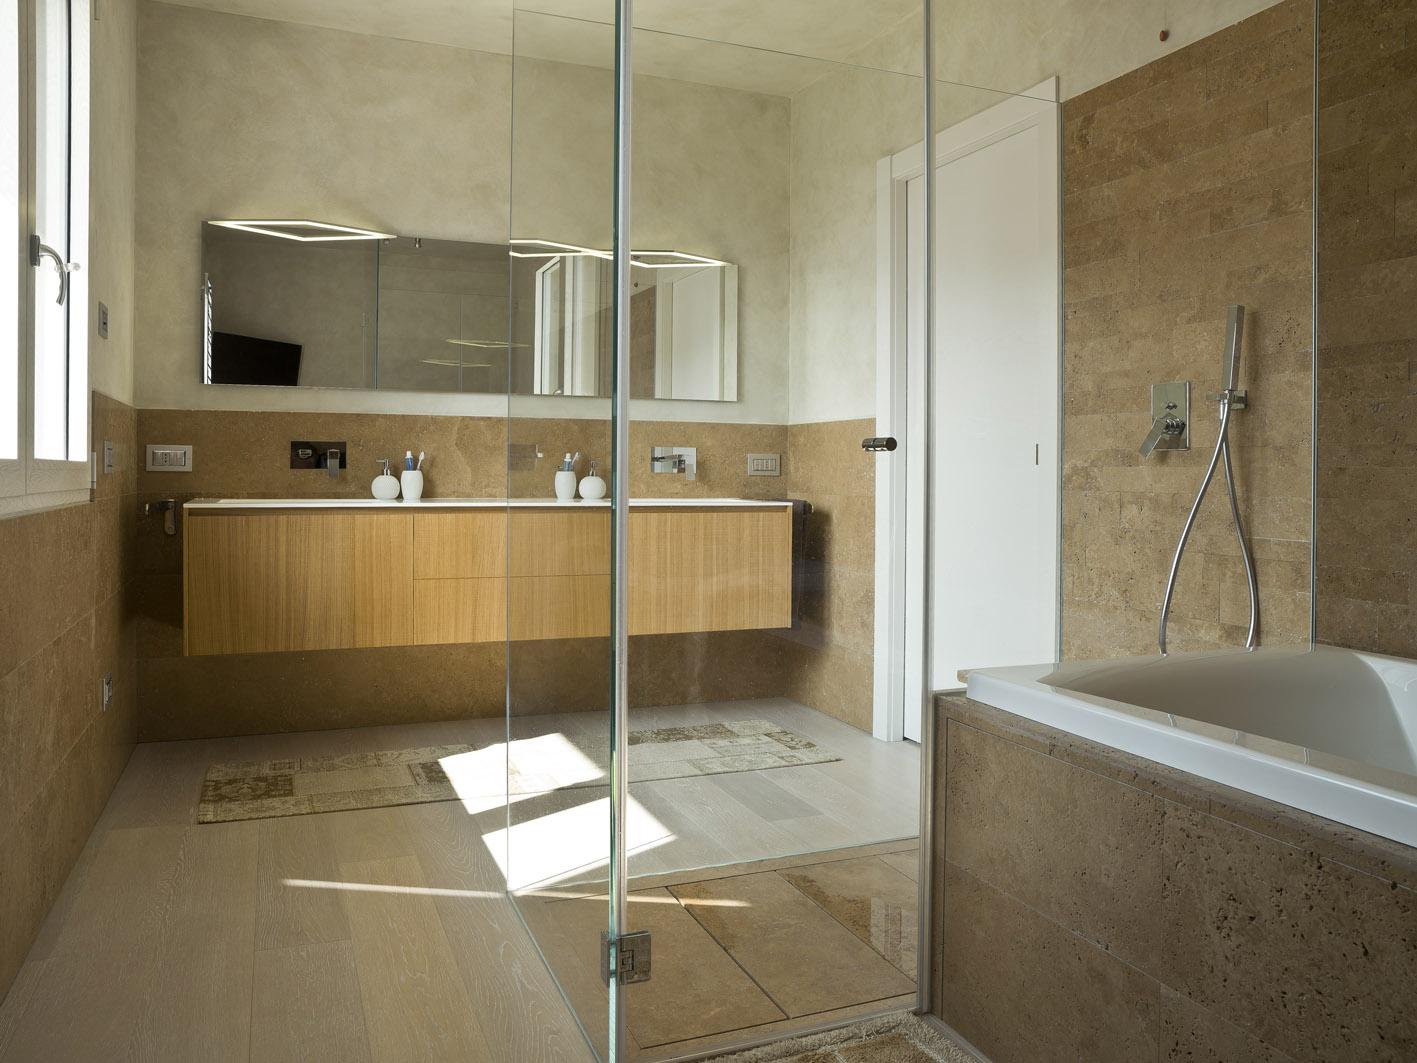 bagno moderno MG architettura d'interni simone casarotto design marmo travertino noce